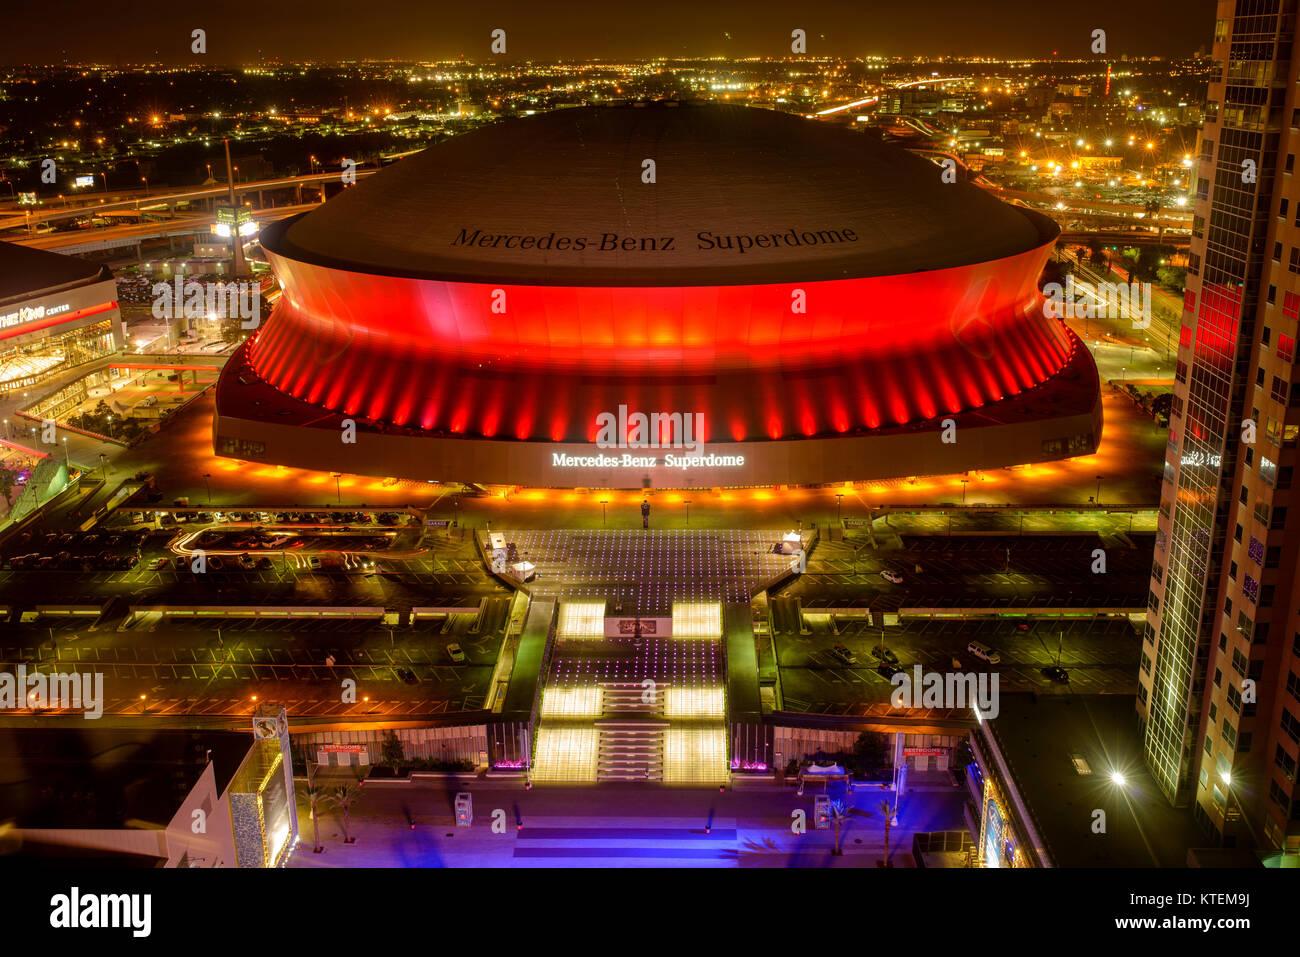 Superdome Em Vermelho   à Noite, Mercedes Benz Superdome, O Estádio Da  Equipa De Futebol Americano New Orleans Saints, é Iluminado Por Luzes  Brilhantes E ...